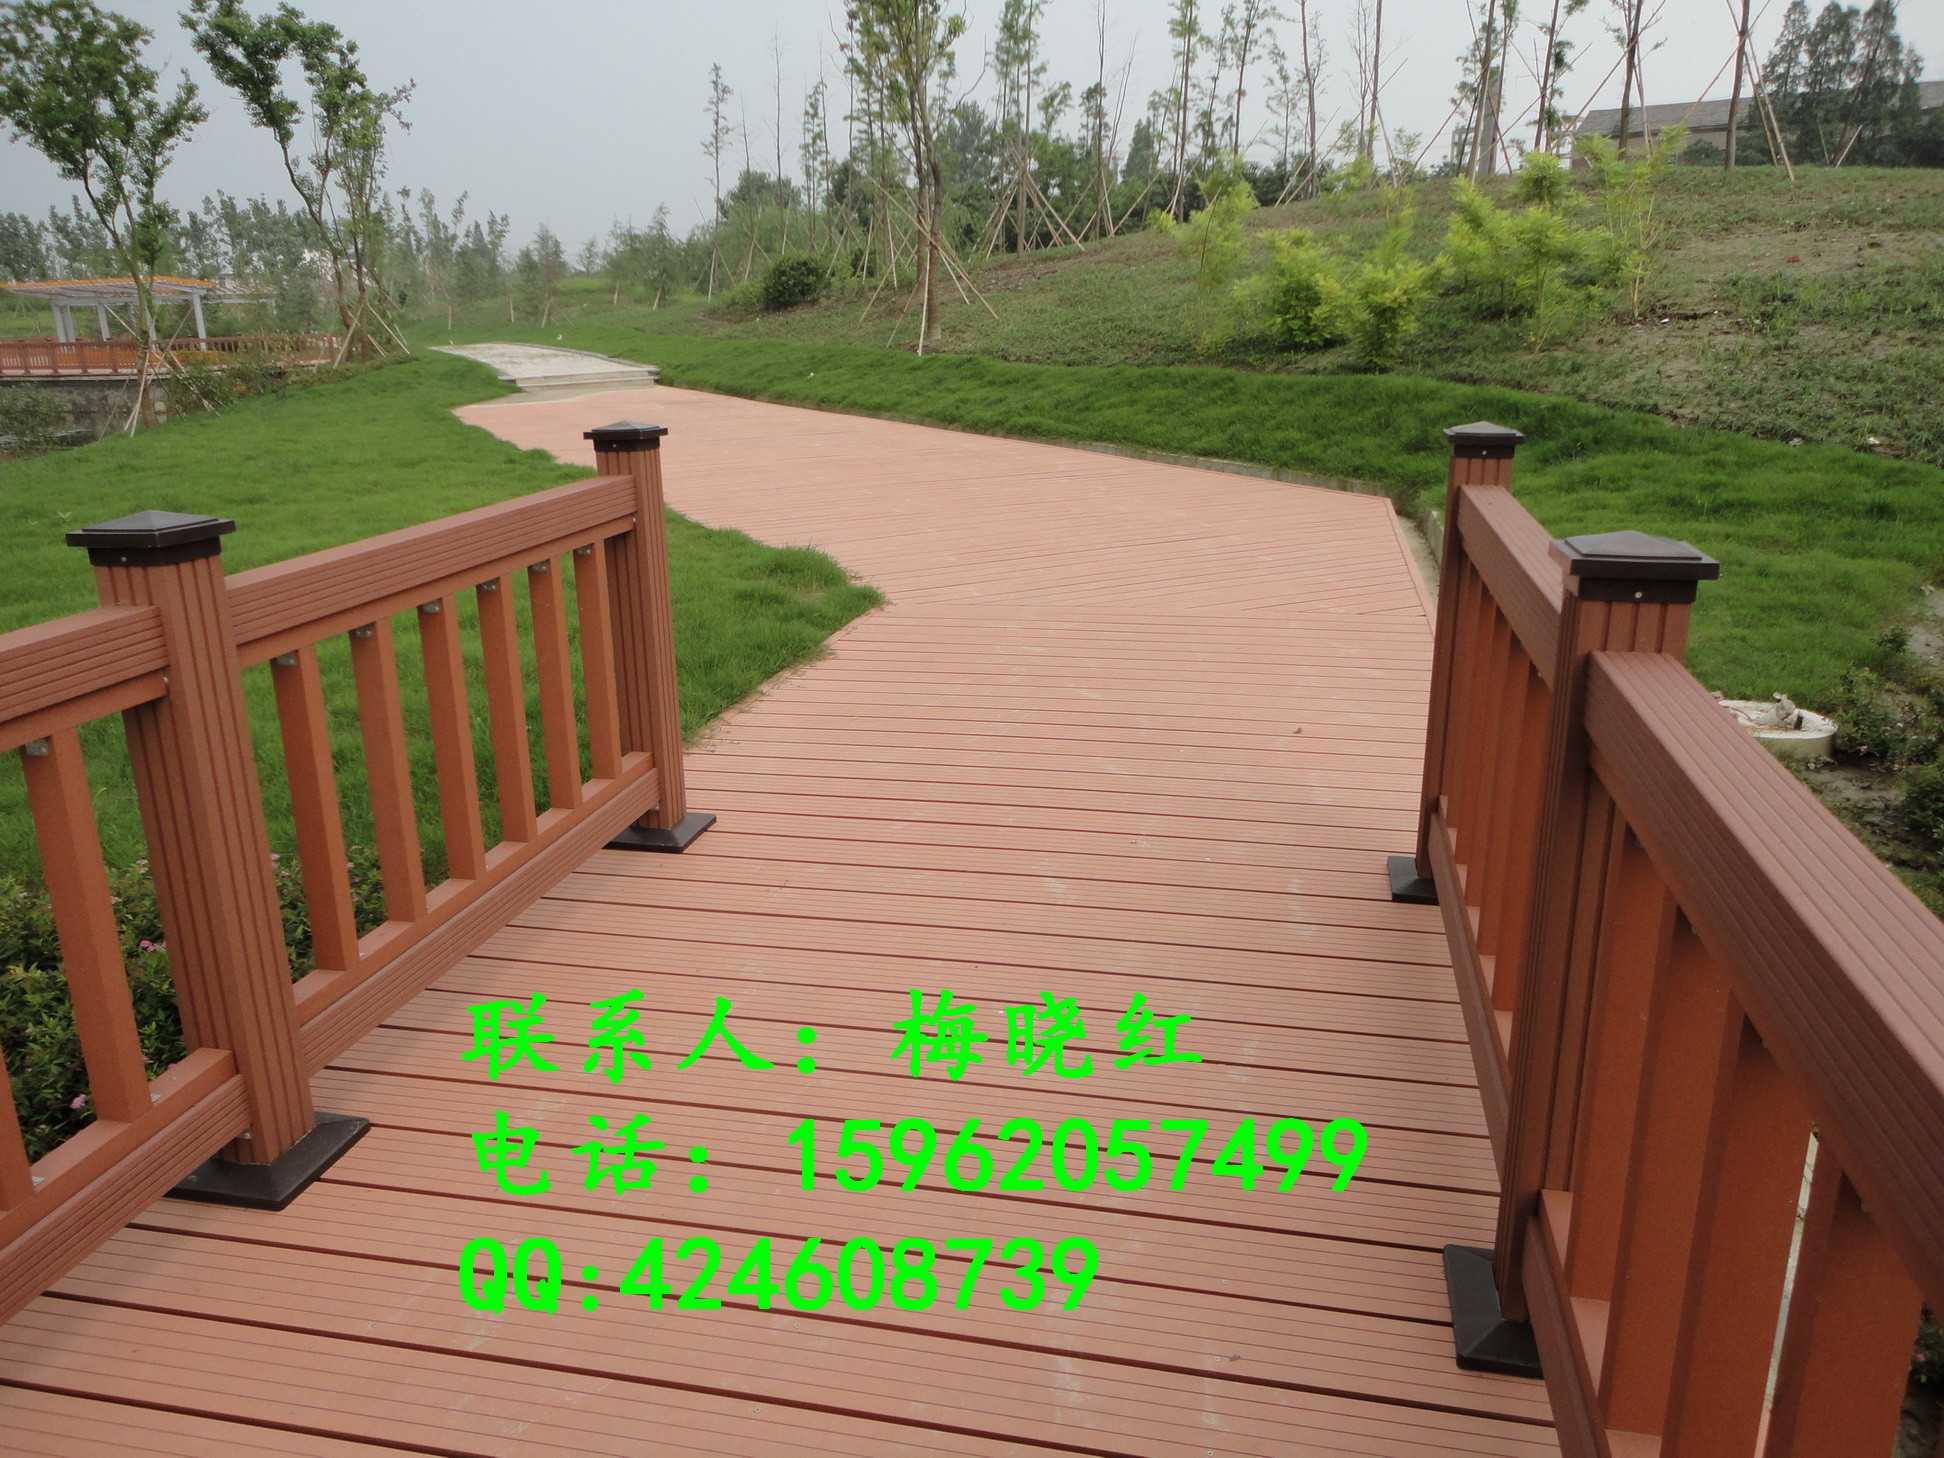 绿华塑木栏杆颜色主要是红木